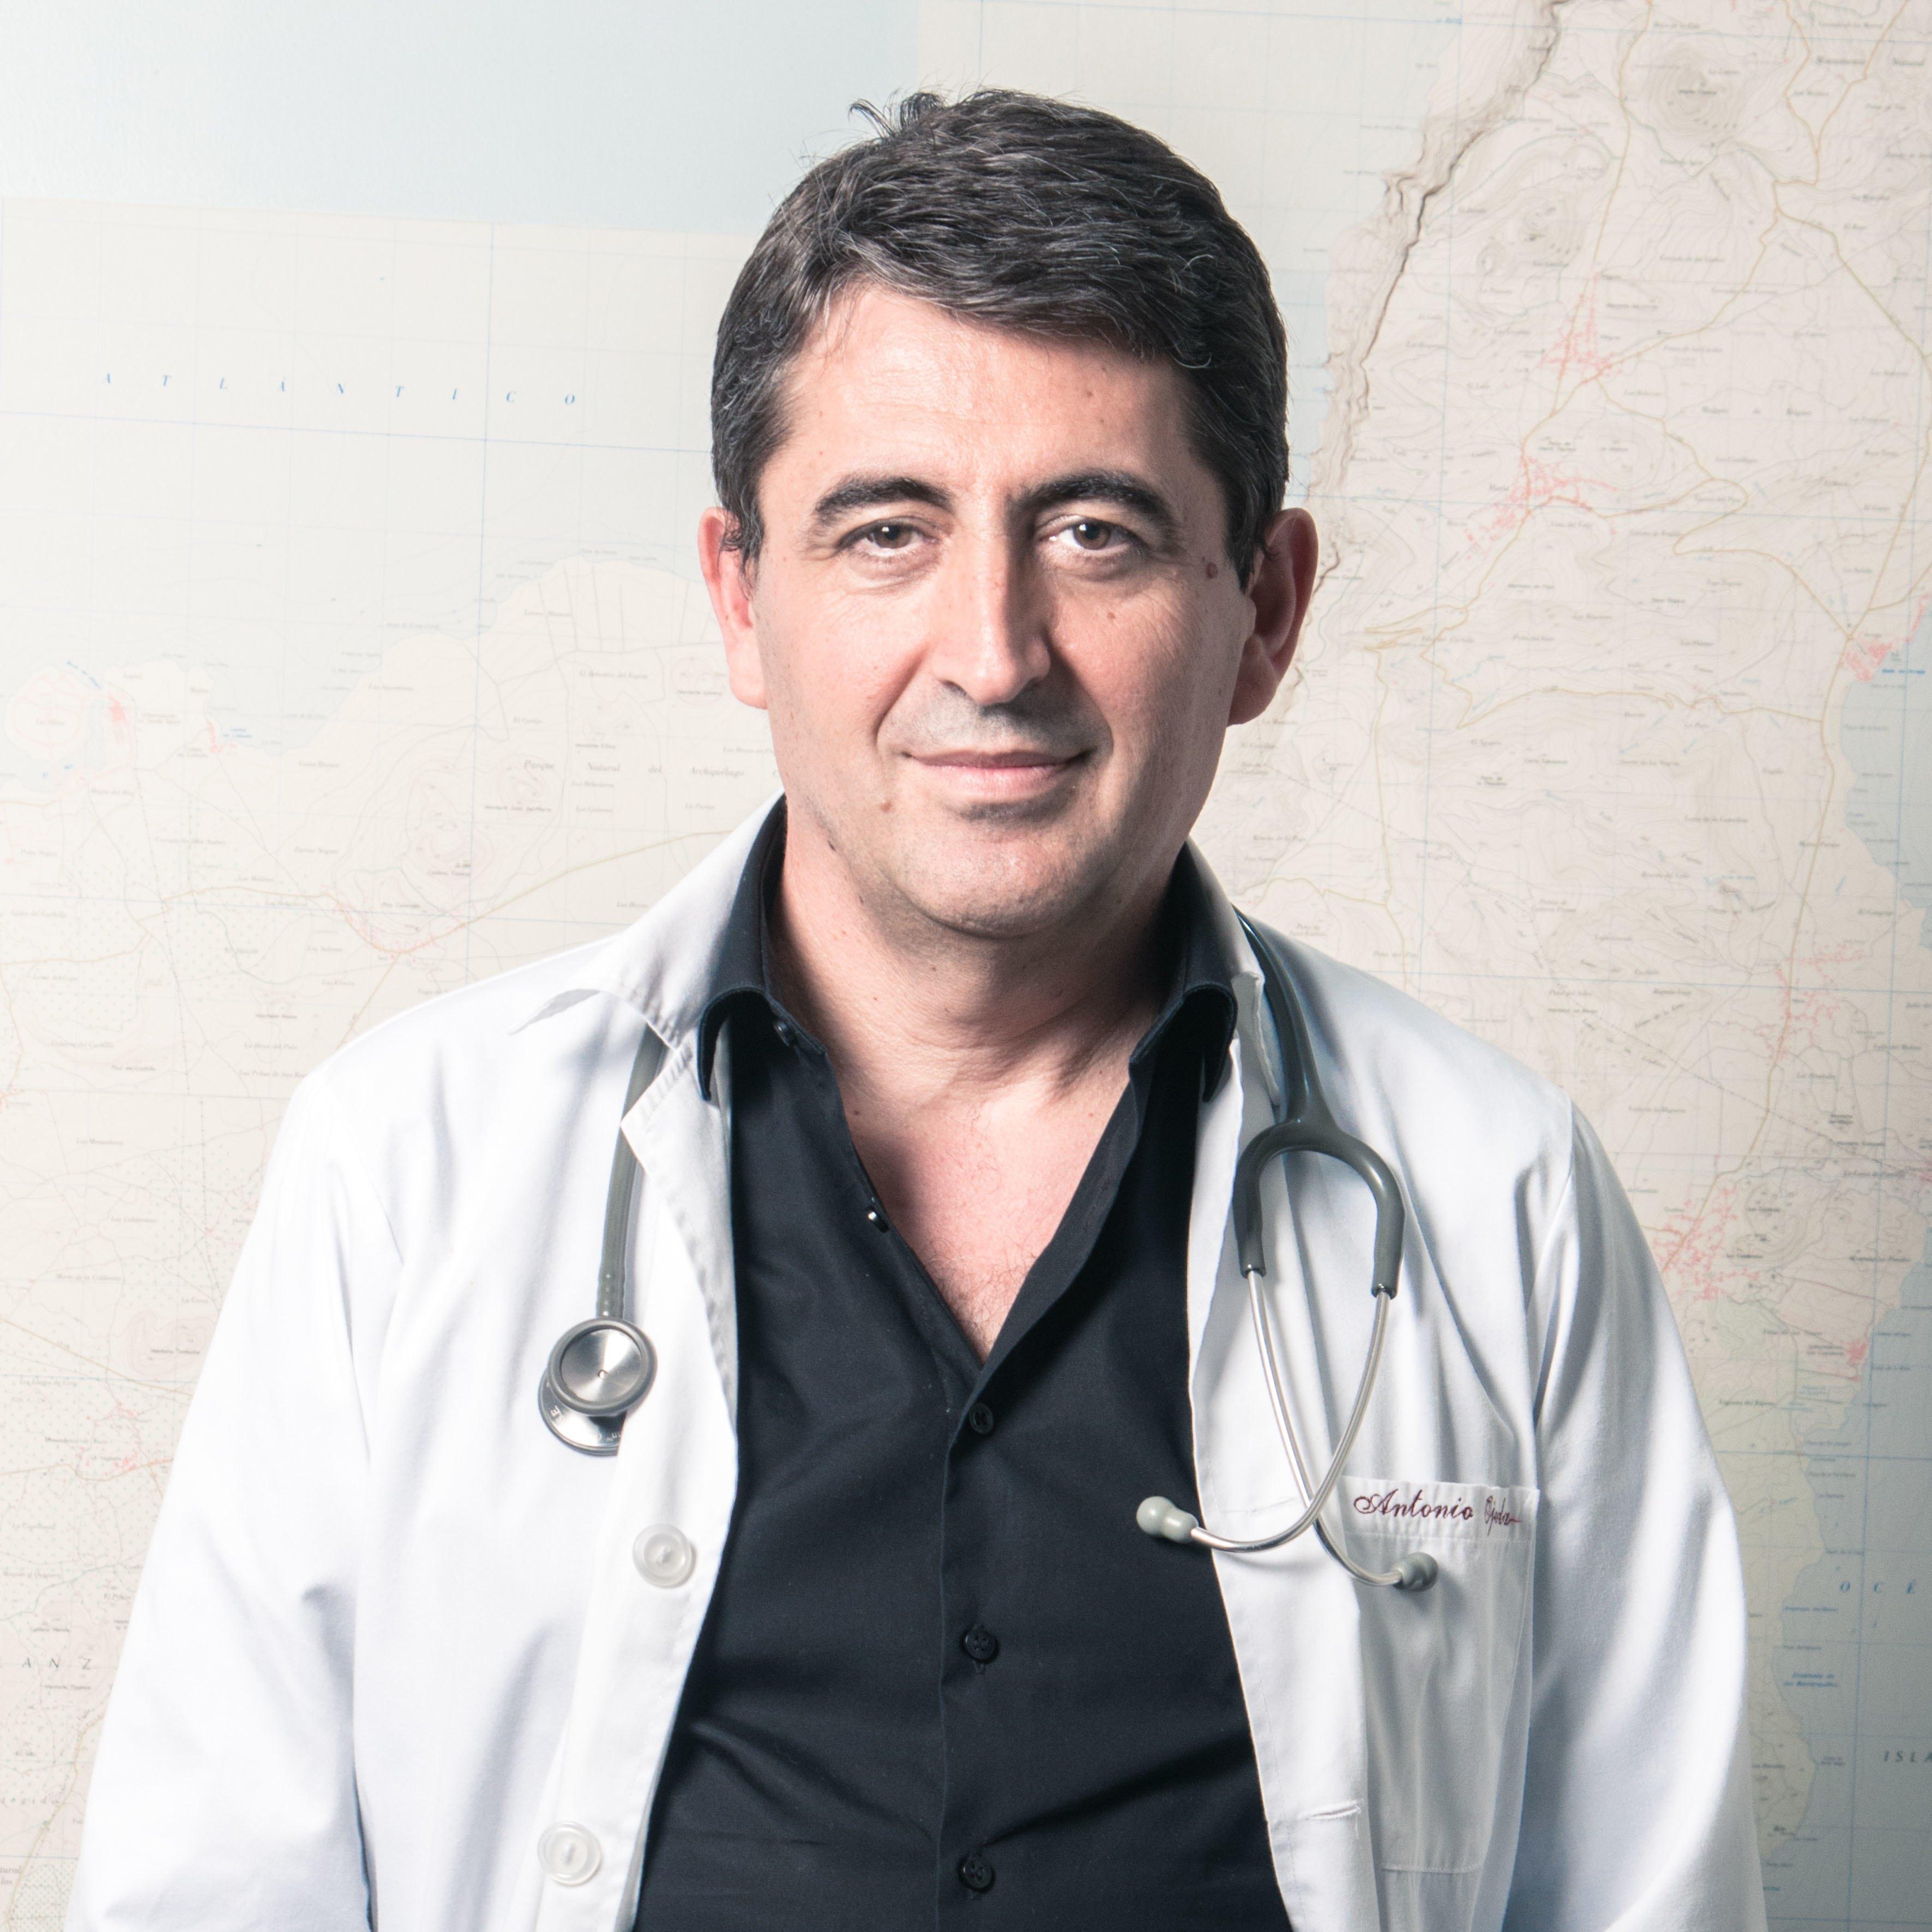 Dr. Antonio Ojeda Pino